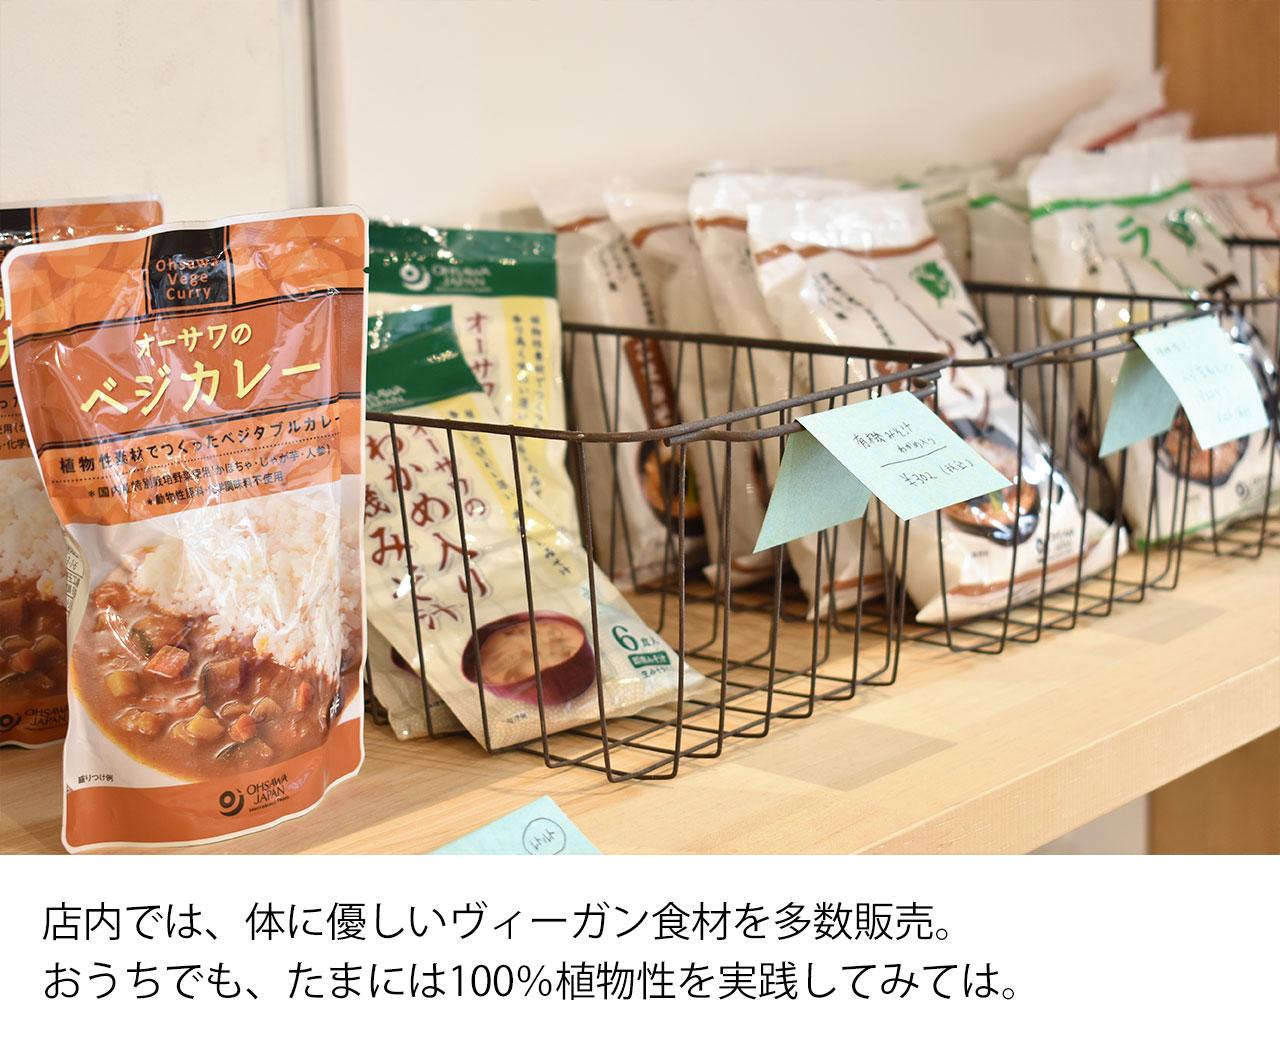 店内では、体に優しいヴィーガン食材を多数販売。おうちでも、たまには100%植物性を実践してみては。